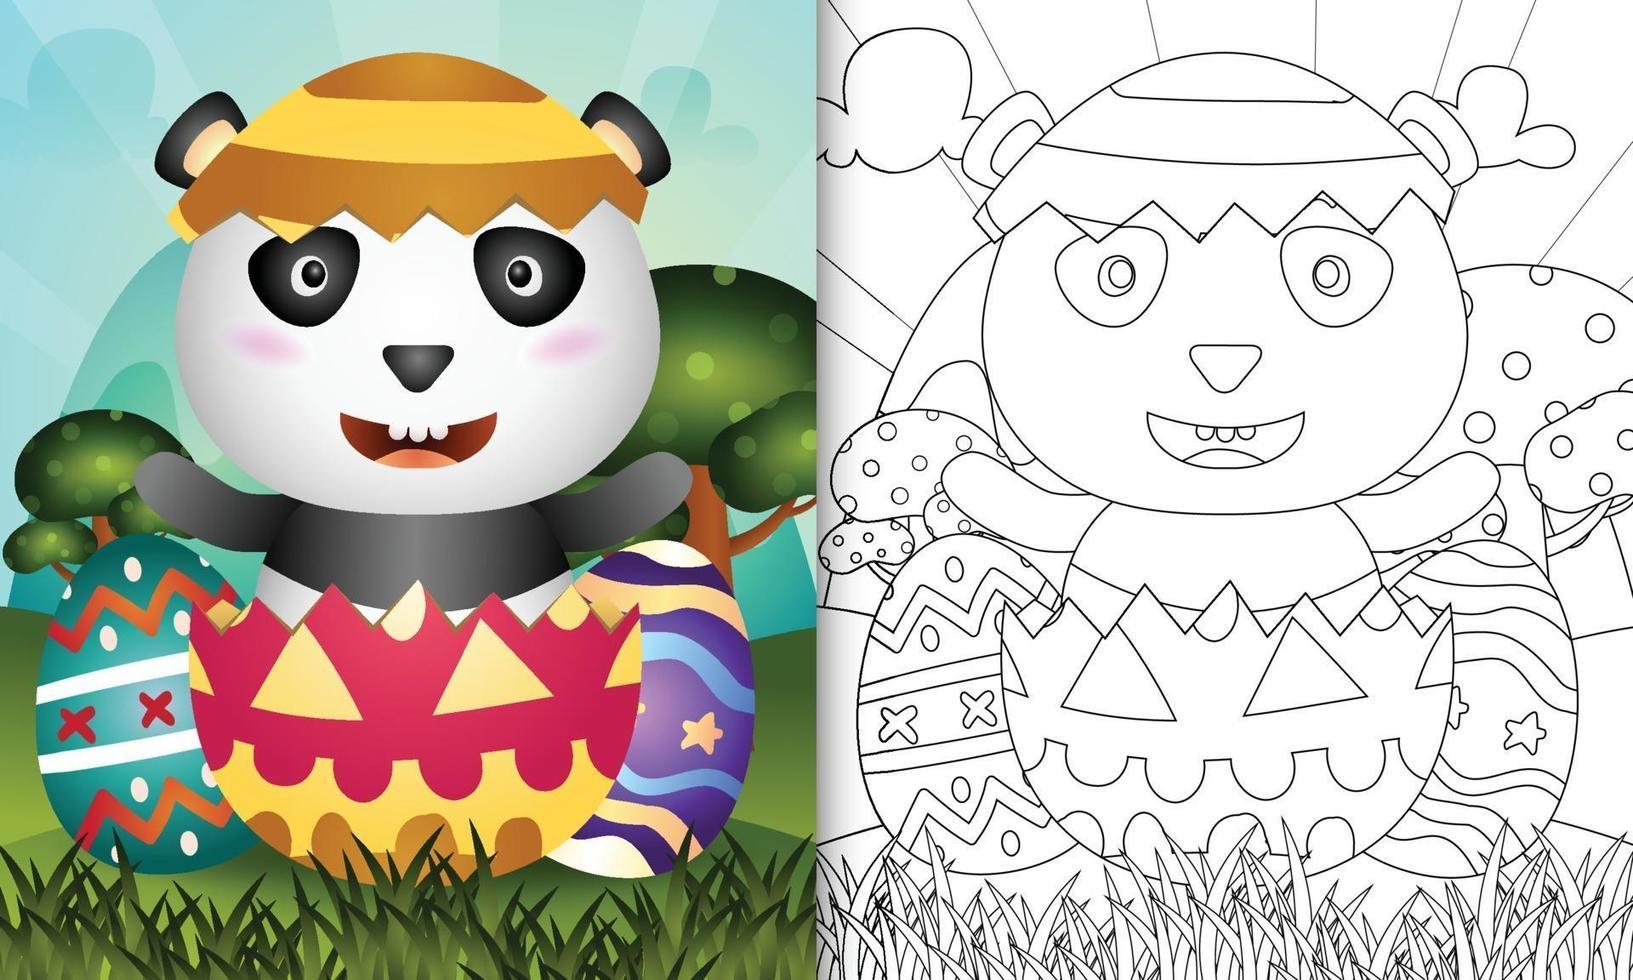 livro de colorir para crianças com tema feliz dia de Páscoa com ilustração de um panda fofo no ovo vetor